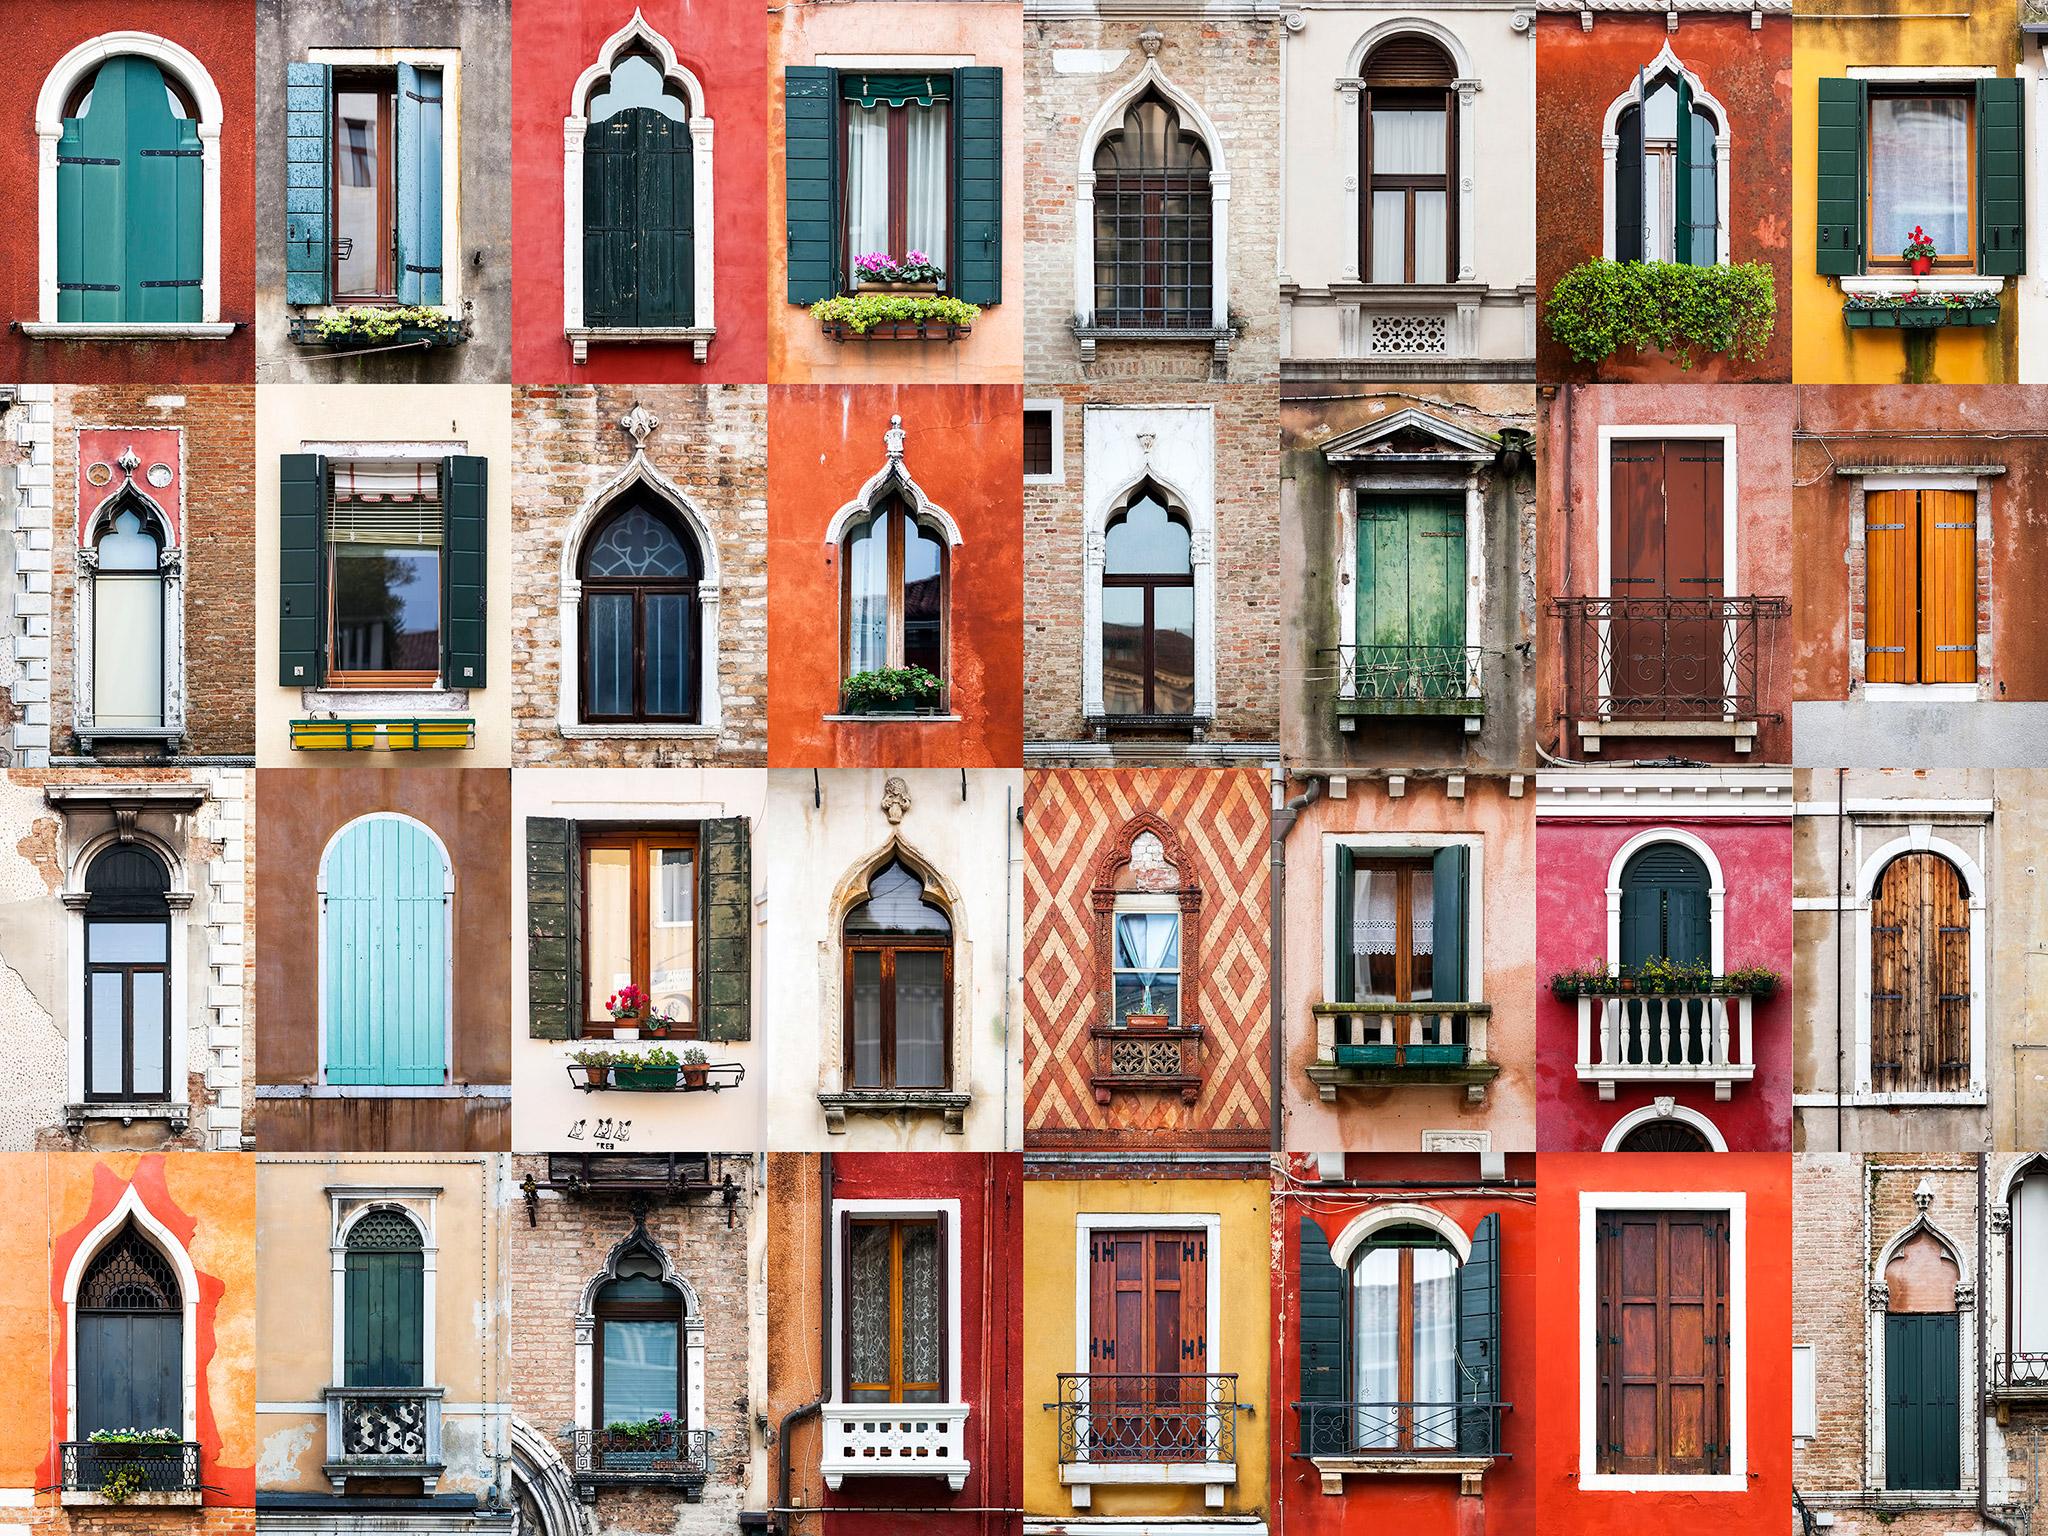 11 Fotos de puertas y ventanas del mundo por Andr Vicente